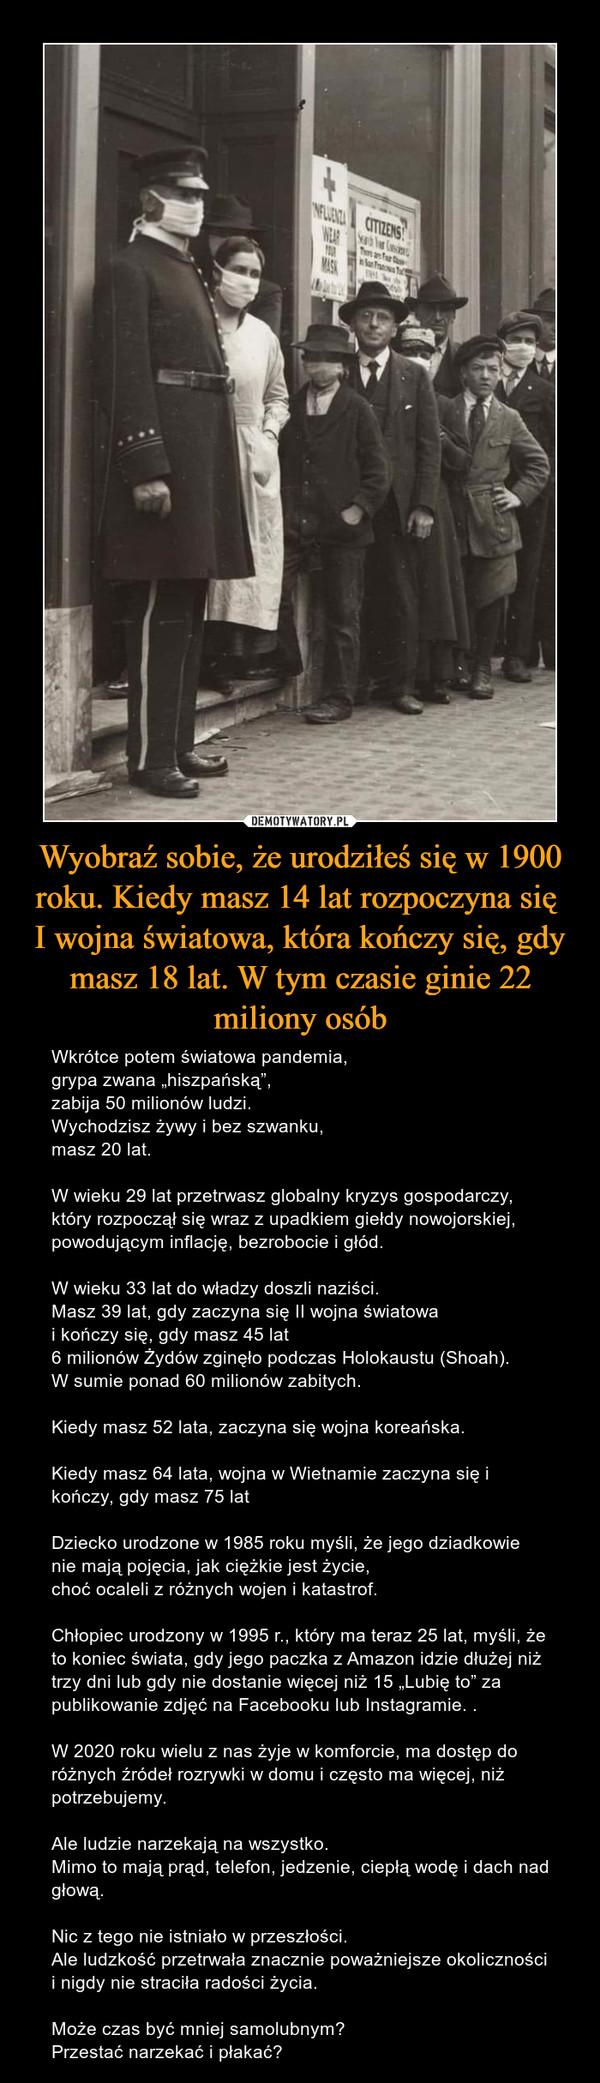 Wyobraź sobie, że urodziłeś się w 1900 roku. Kiedy masz 14 lat rozpoczyna się  I wojna światowa, która kończy się, gdy masz 18 lat. W tym czasie ginie 22 miliony osób